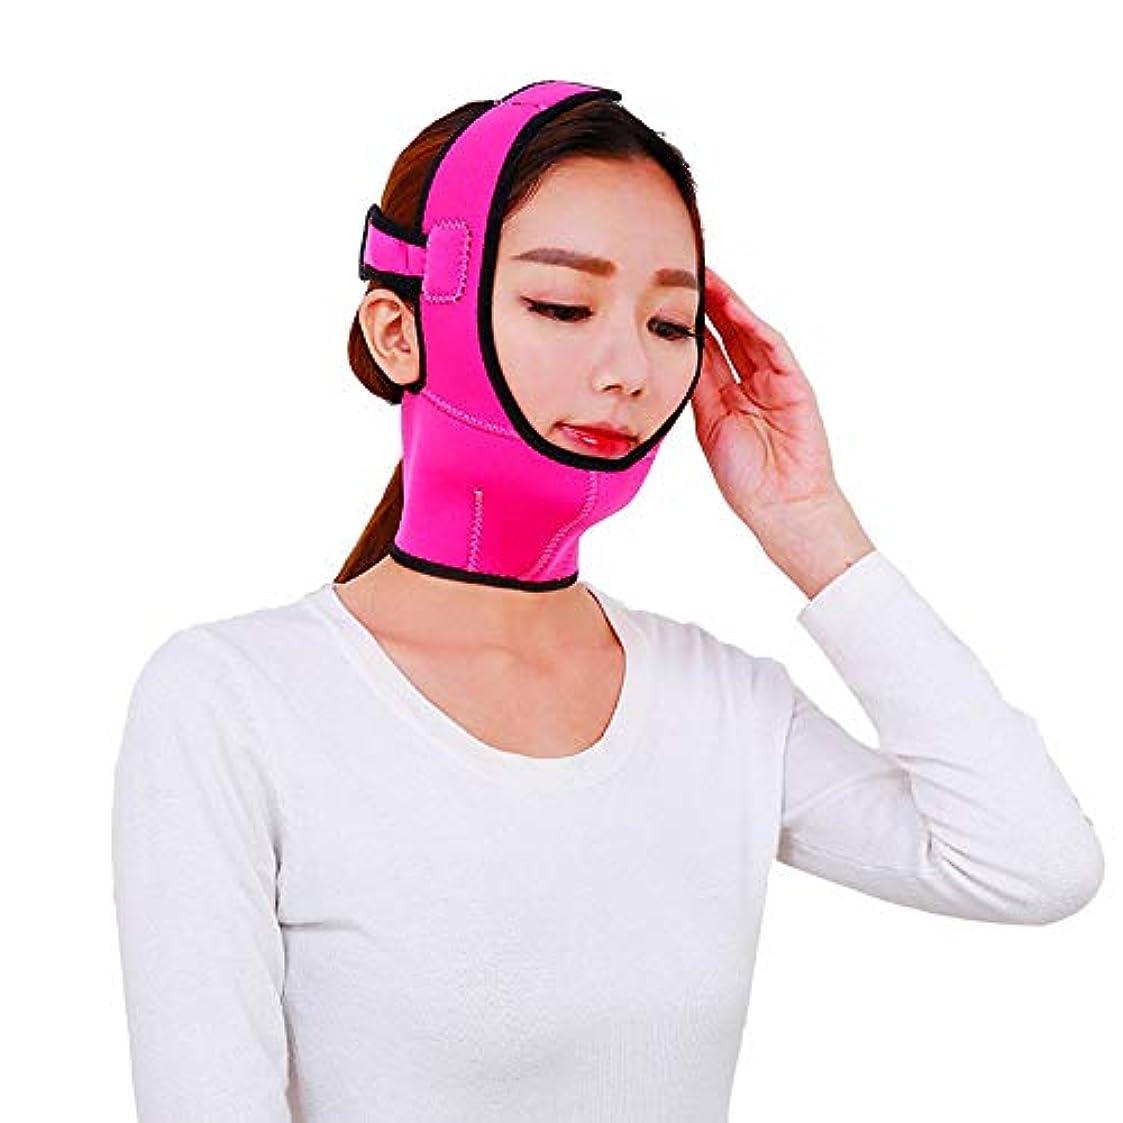 急行するおんどり市場Jia Jia- フェイシャルリフティング痩身ベルト - 薄いフェイス包帯フェイスマスクベルトフリーフェイシャルマッサージ整形マスクダブルチンワークアウト 顔面包帯